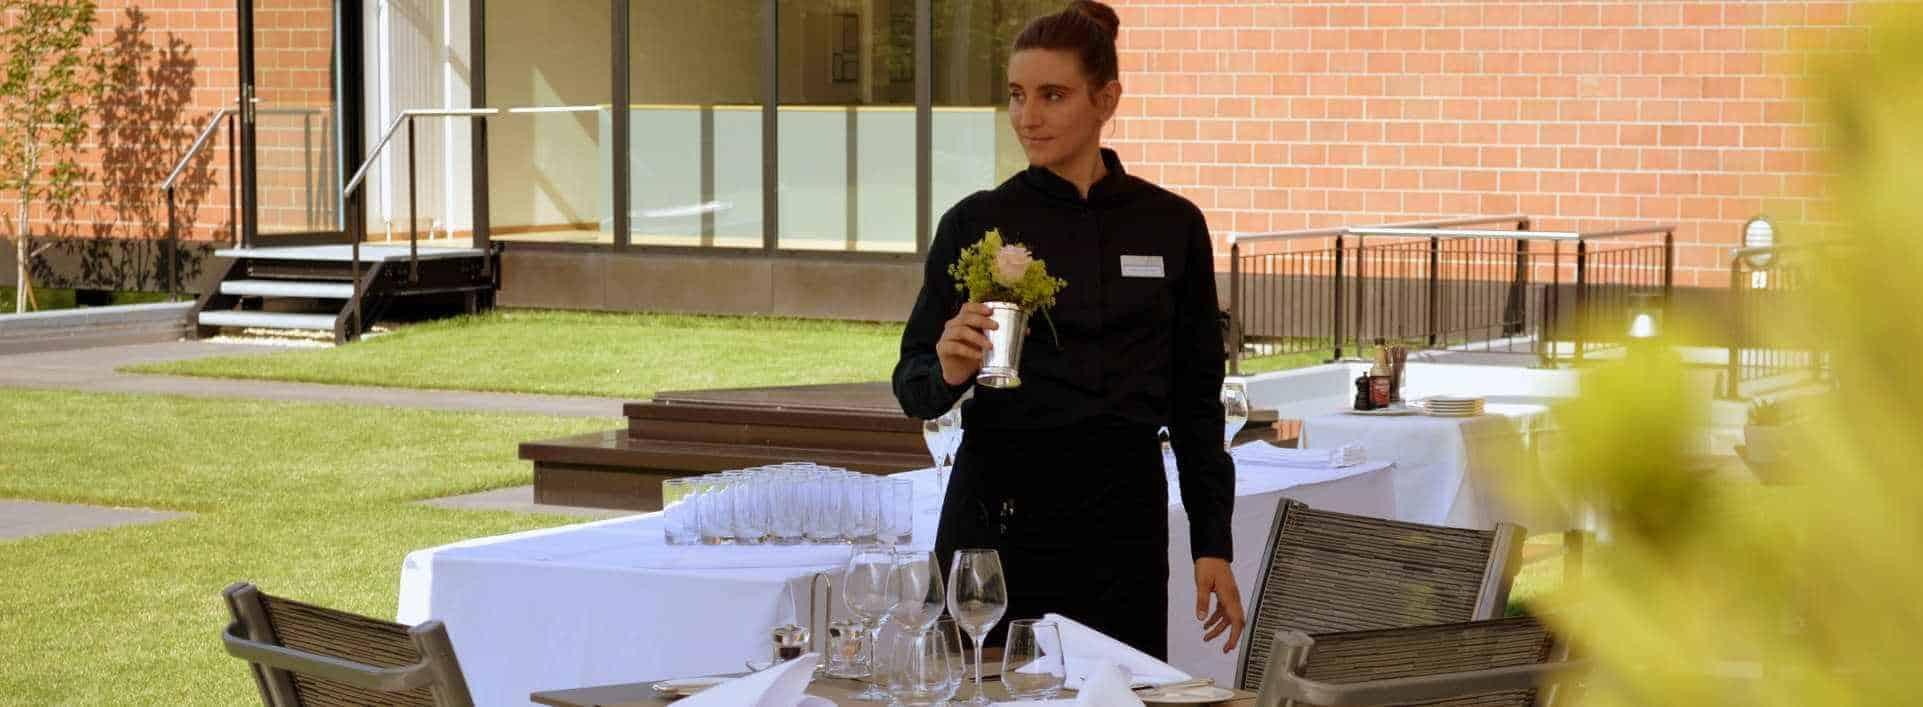 Passer un Bachelor apres l'Ecole Hôtelière de Geneve